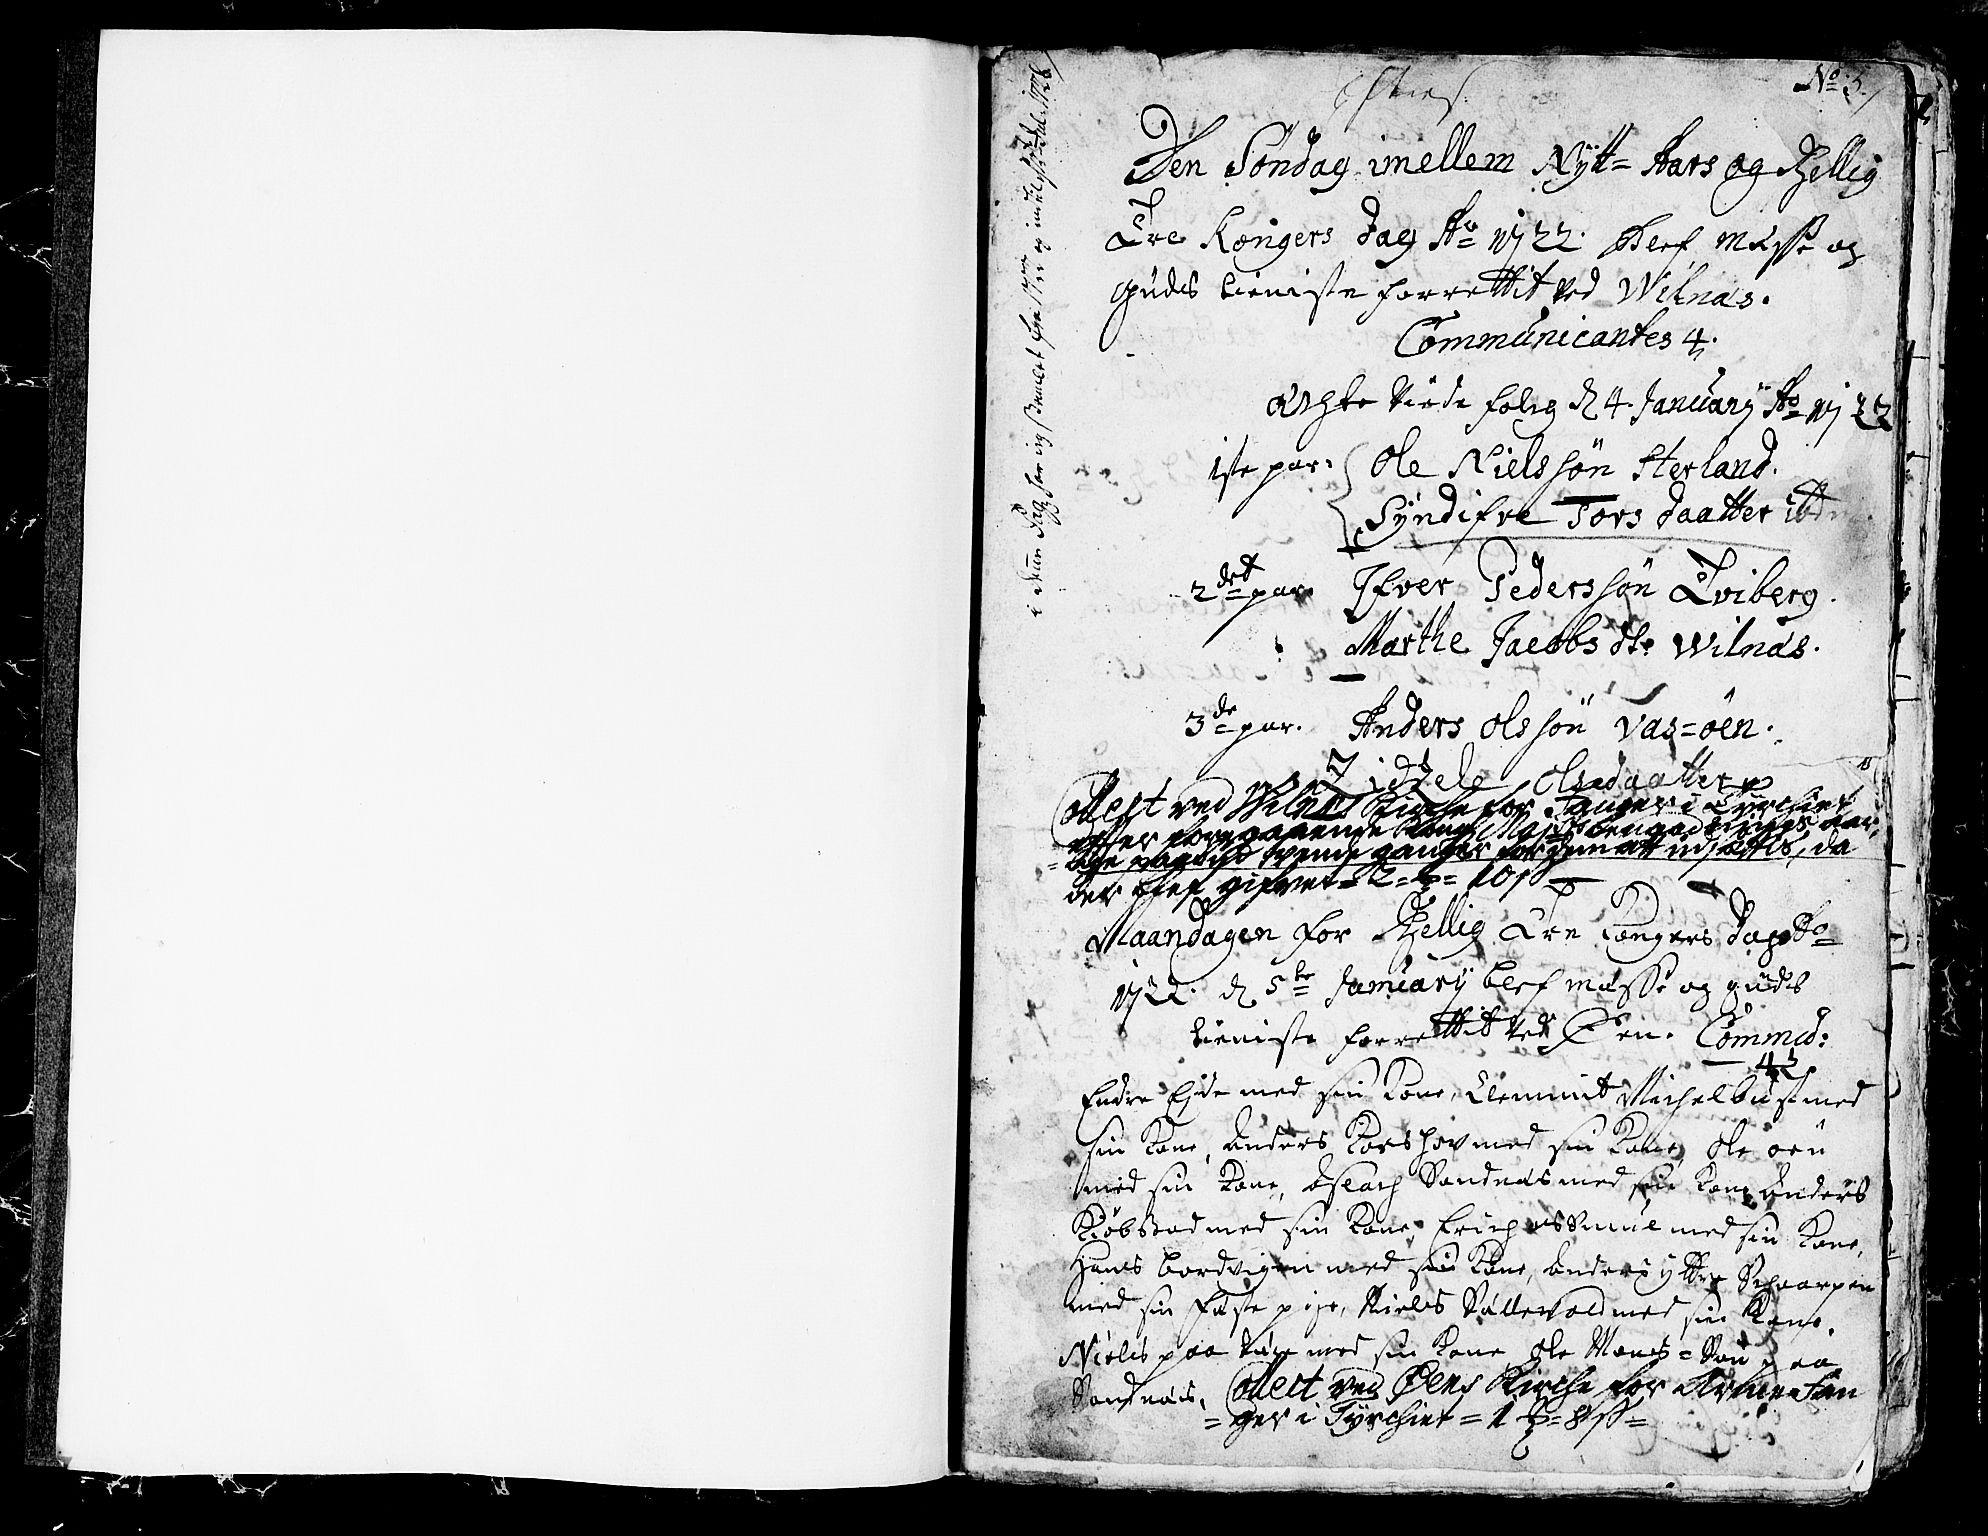 SAB, Askvoll Sokneprestembete, Ministerialbok nr. A 5, 1722-1733, s. 1